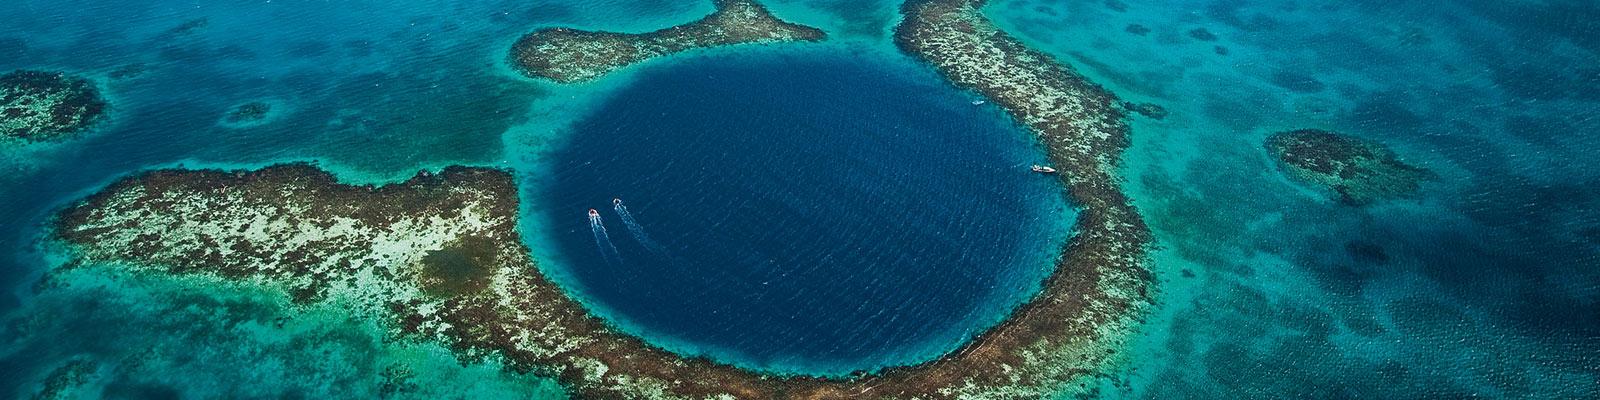 海洋宇宙600米腕表 - 背景